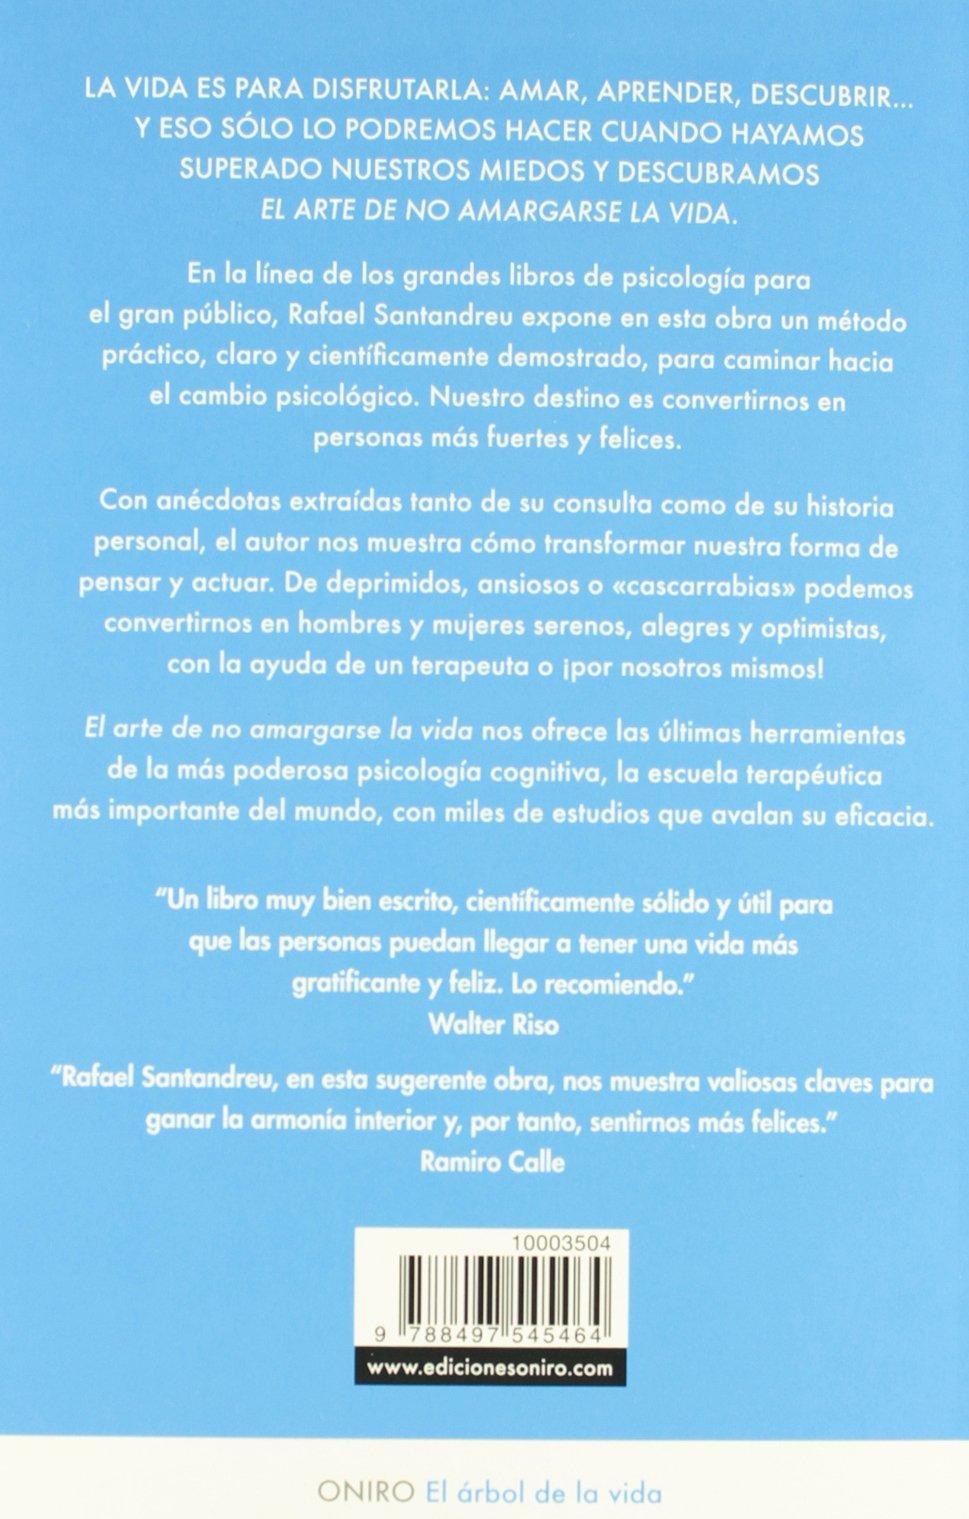 Pack Carrefour El arte de no amargarse la vida El Árbol de la Vida: Amazon.es: Rafael Santandreu Lorite: Libros